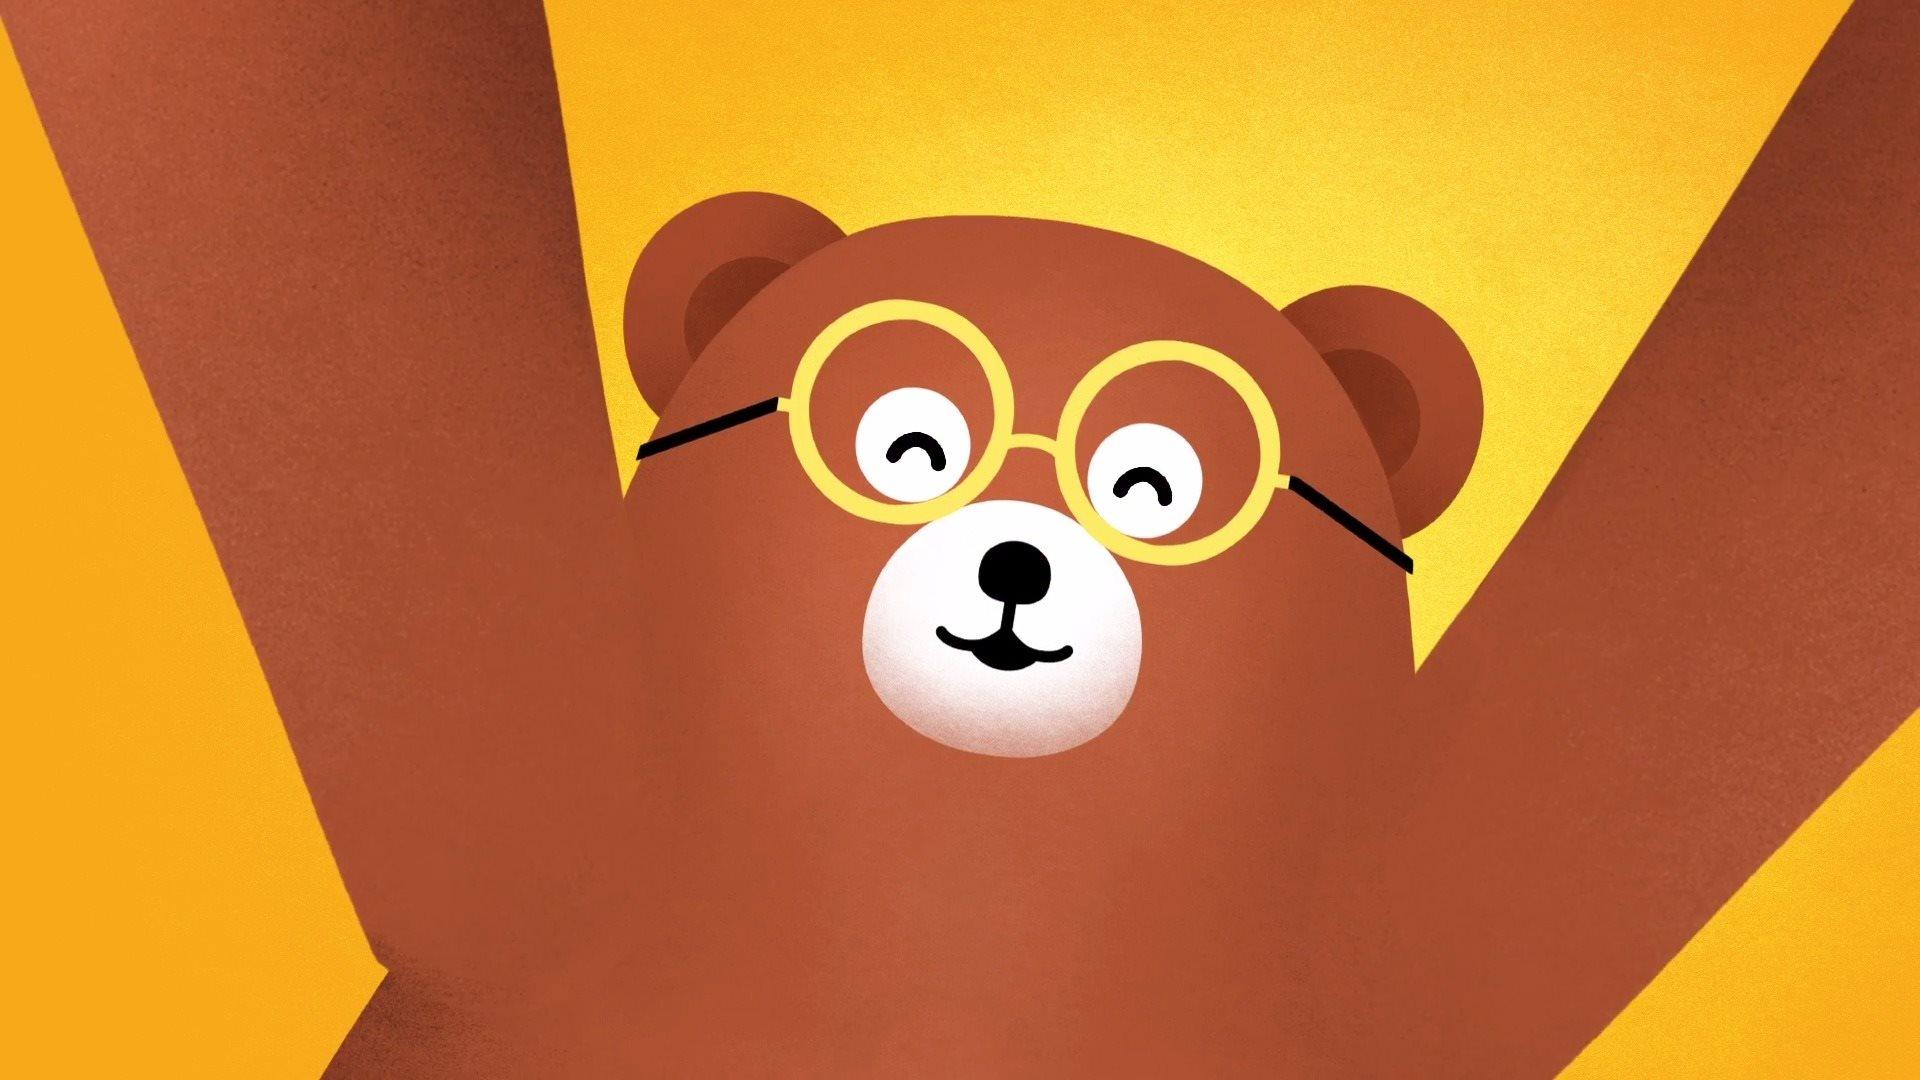 每日返工返學,長時間對住電腦同書本,眼睛好易疲勞,快啲跟住「 88 熊」做「護眼操」👀齊齊 keep 住眼仔健康!即刻去片!🎬  #OPTICAL88HK #88熊 #護眼操